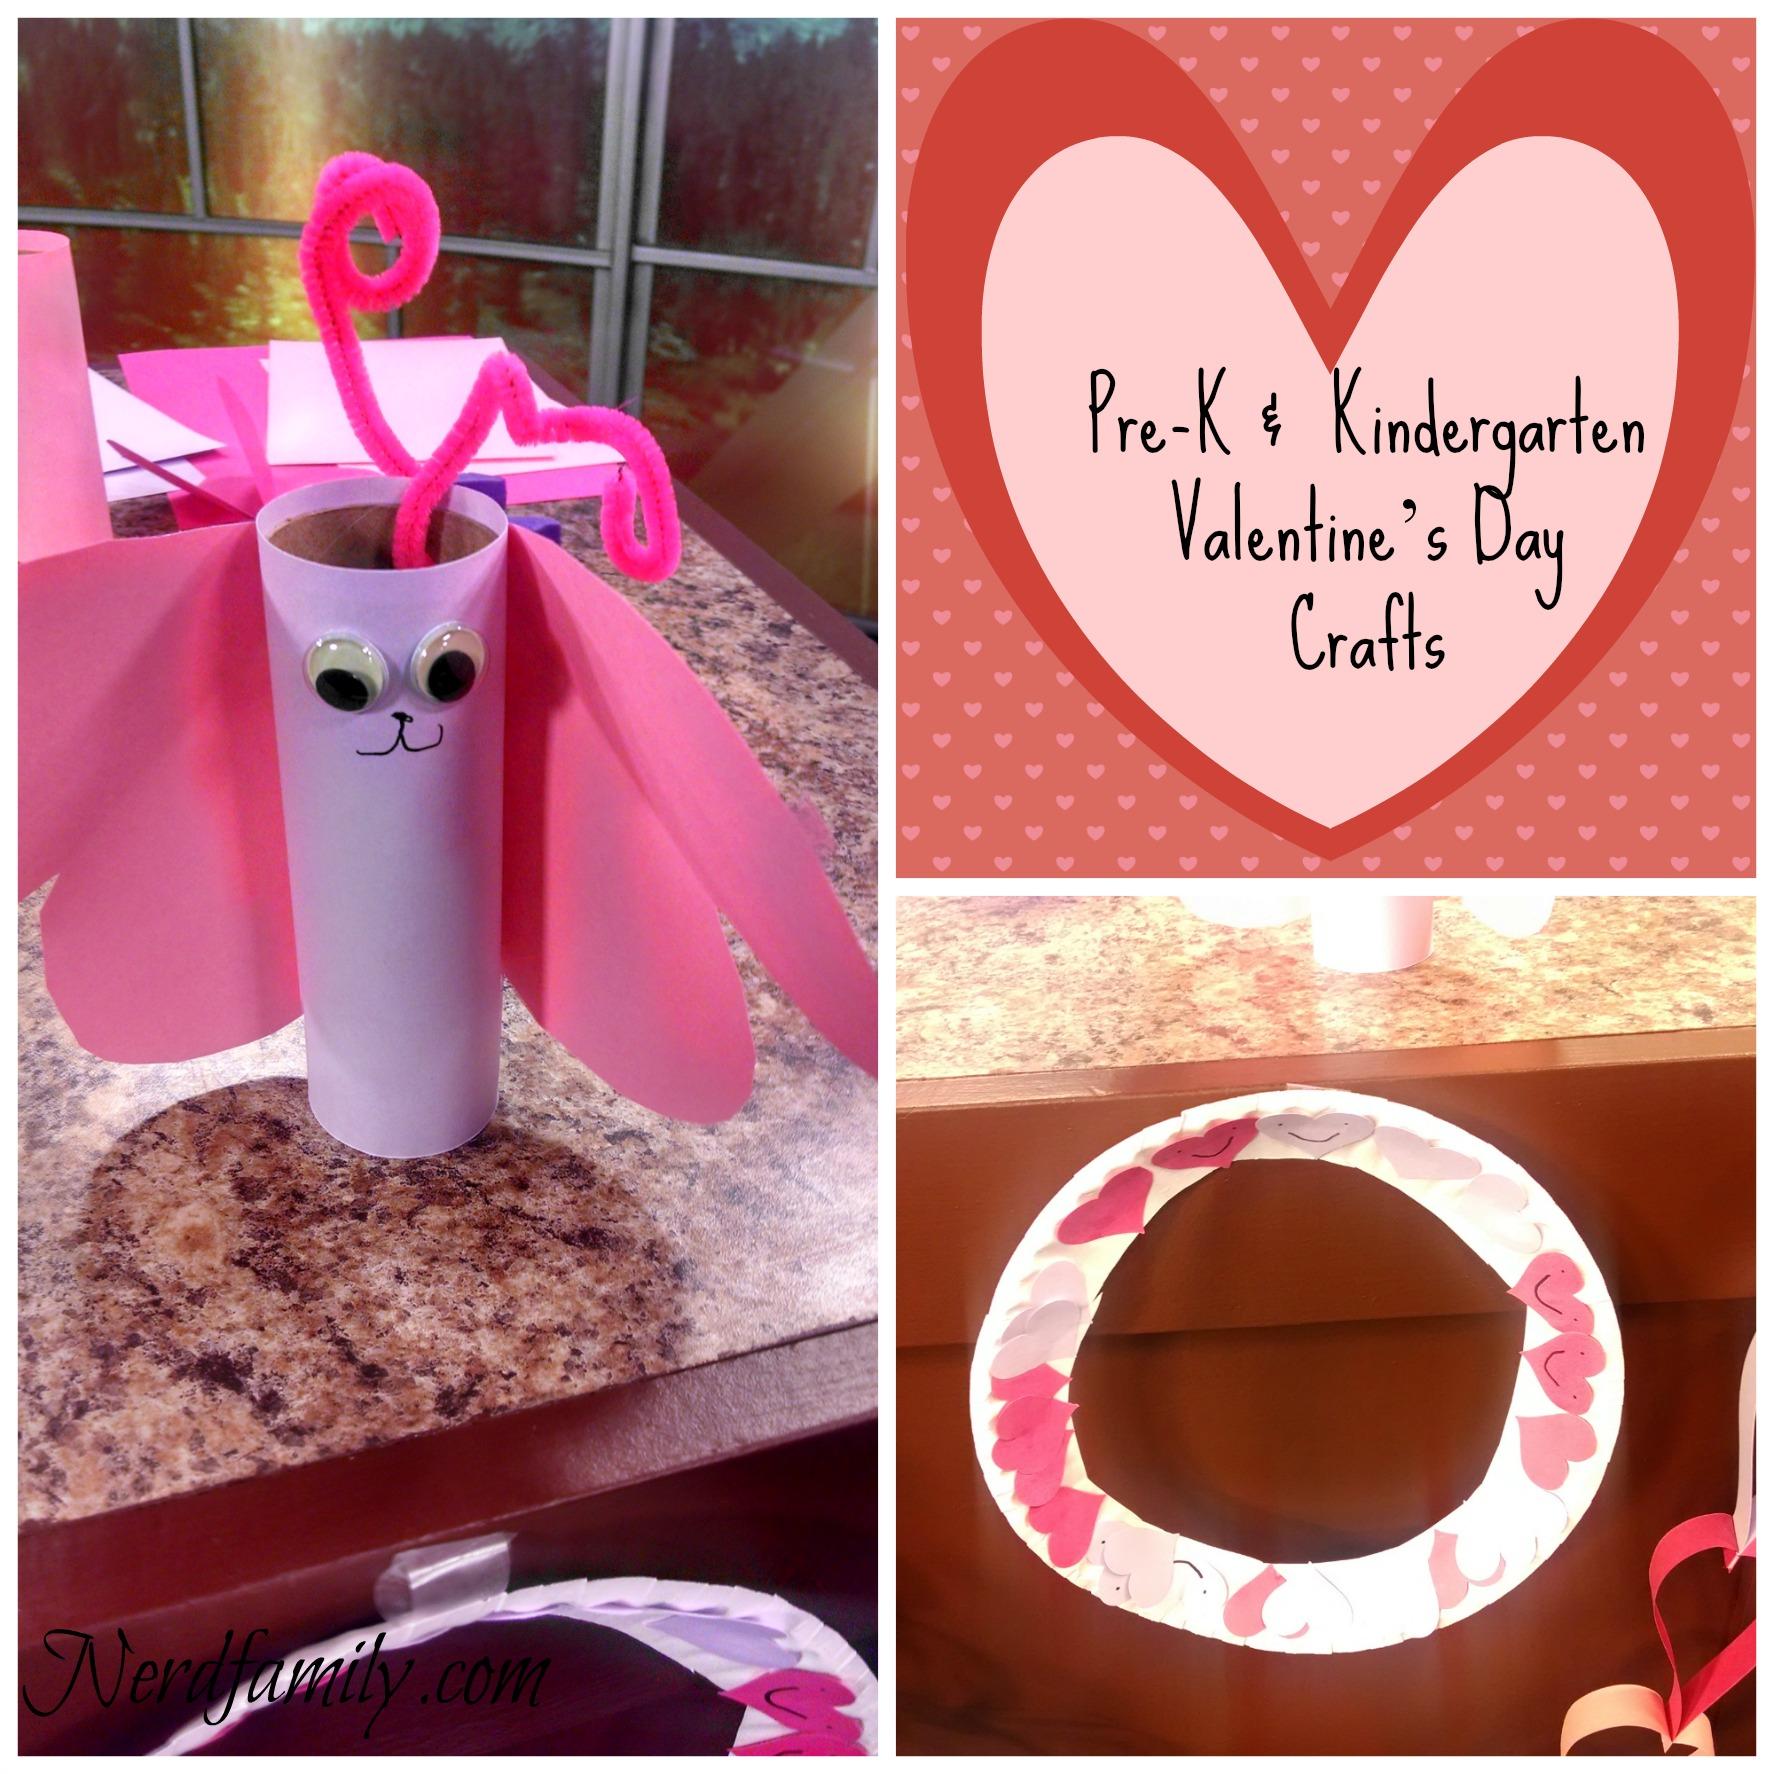 Preschool And Kindergarten Valentine S Day Crafts